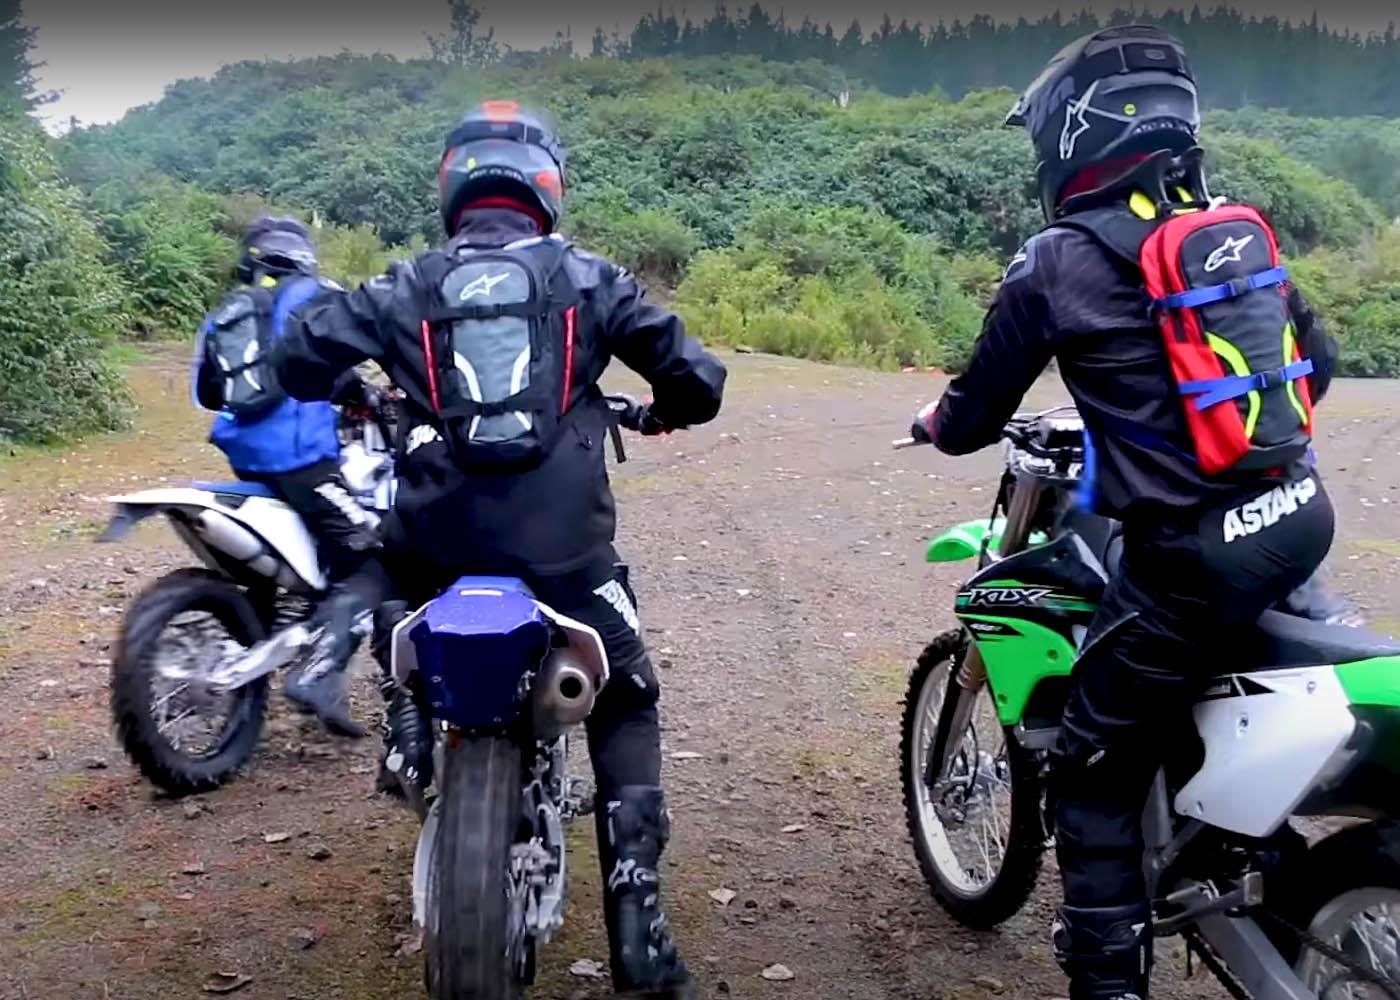 Рюкзак для мотоциклиста ALPINESTARS IGUANA HYDRATION BACKPACK в лесу купить по низкой цене